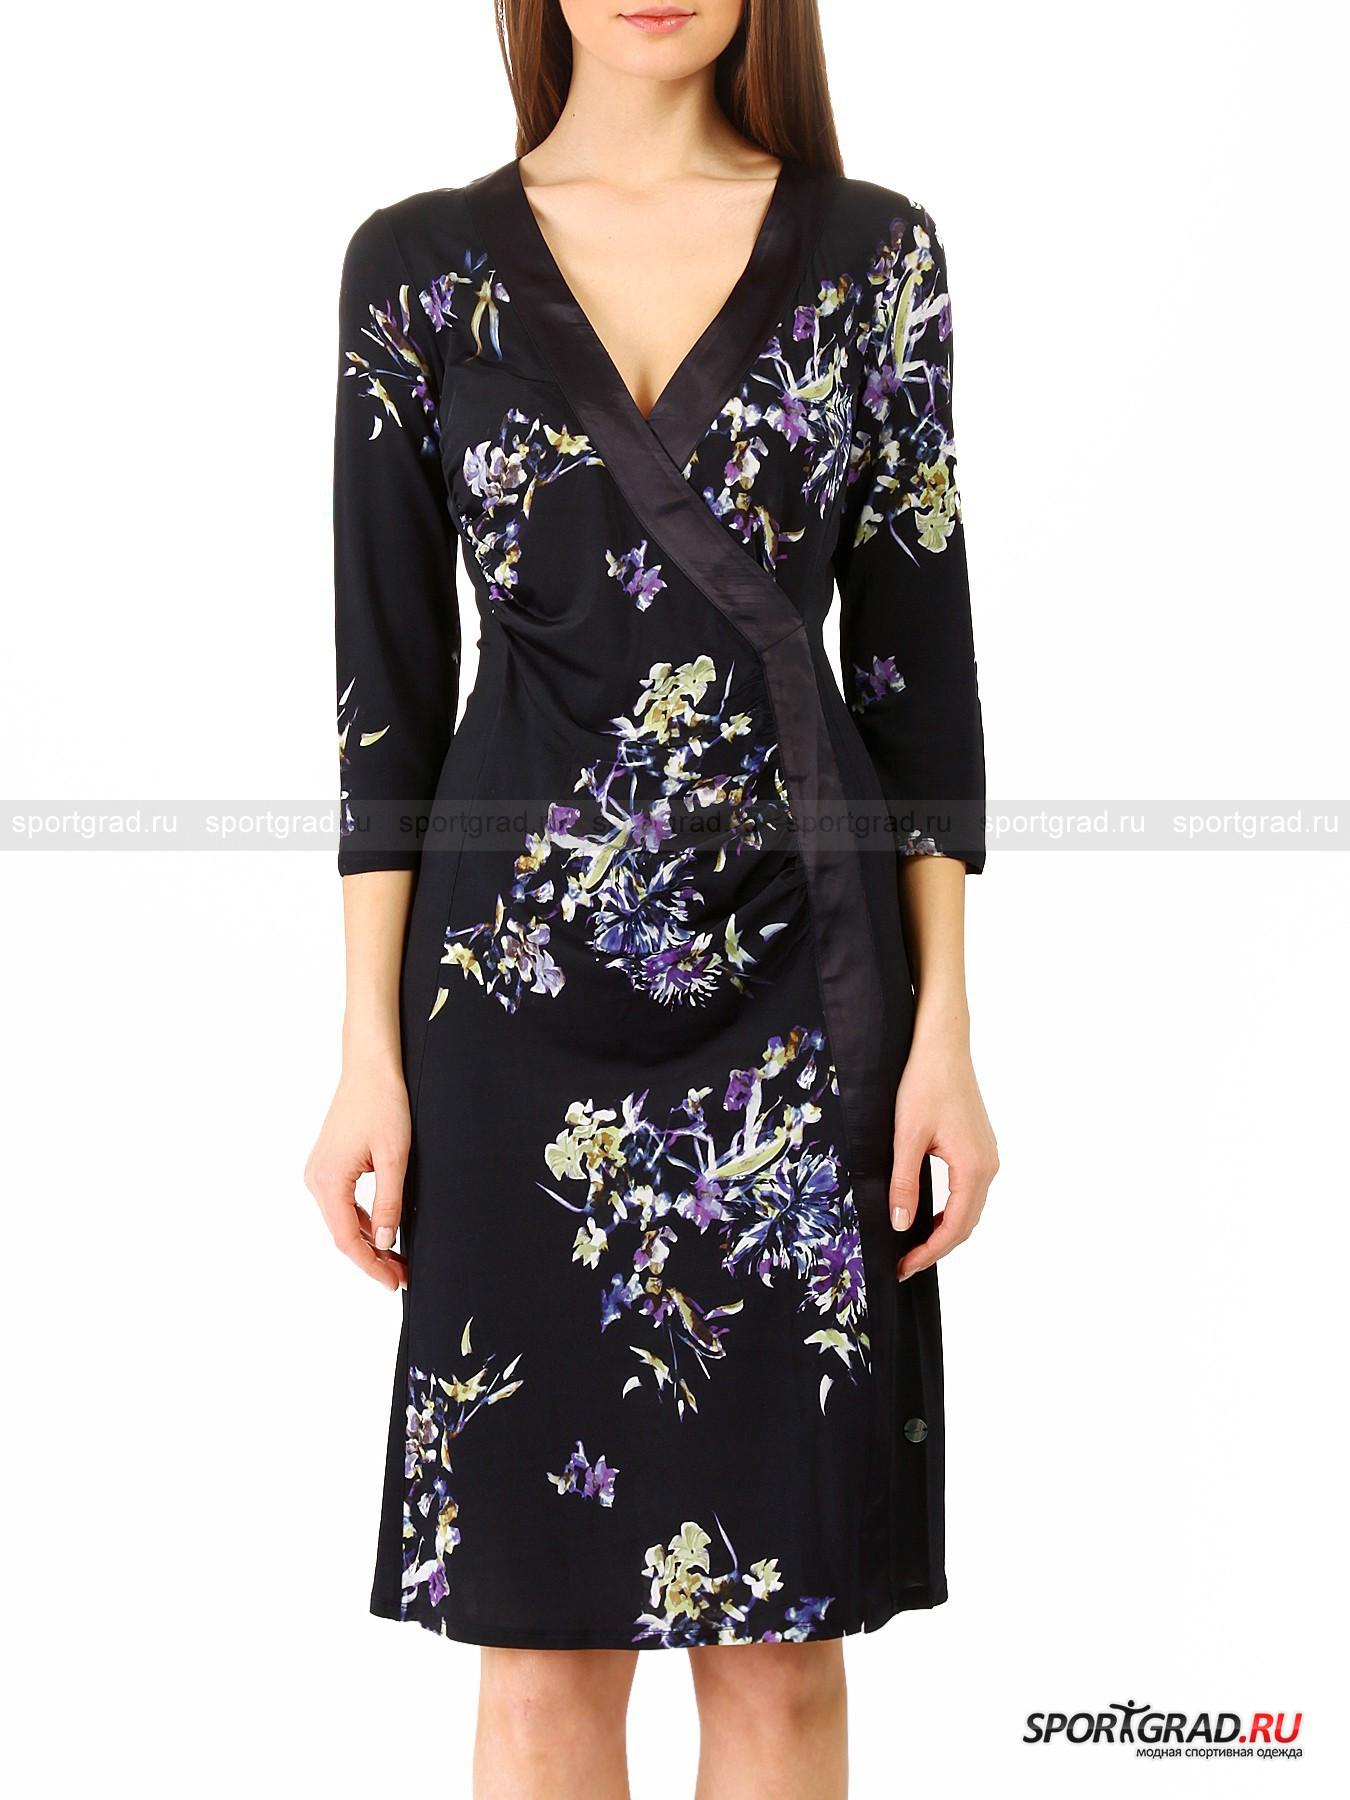 Платье женское Vada SPORTALM с цветочным принтом